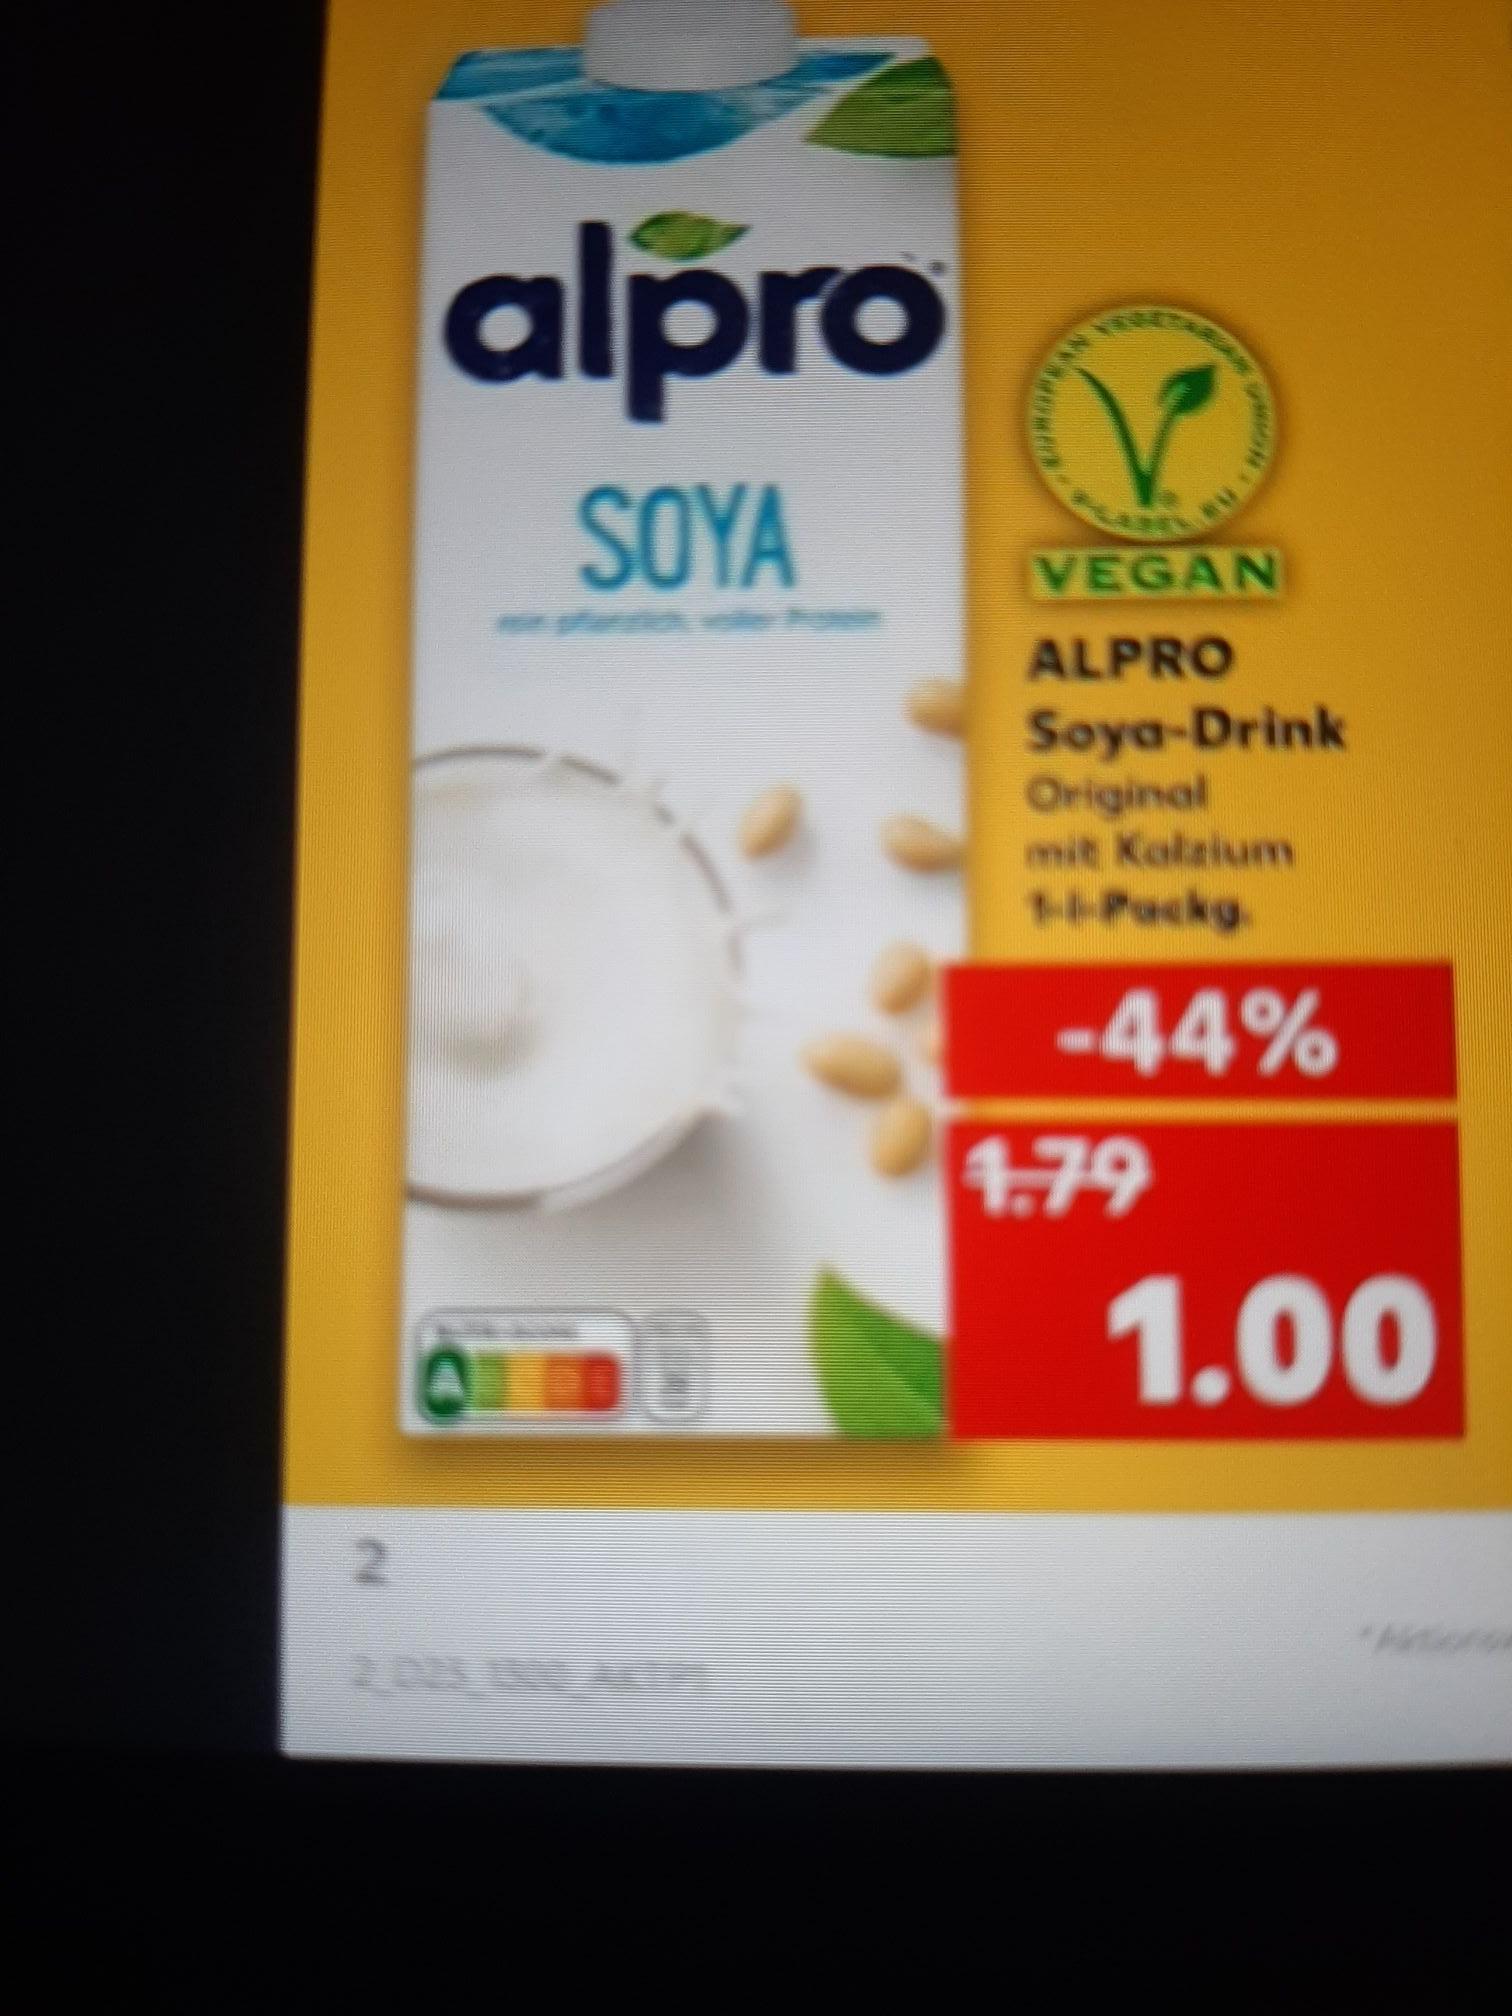 KOMPLETT KOSTENLOS: Alpro Soya Drink Vegan Pflanzliches Getränk 1Liter für null €uro.